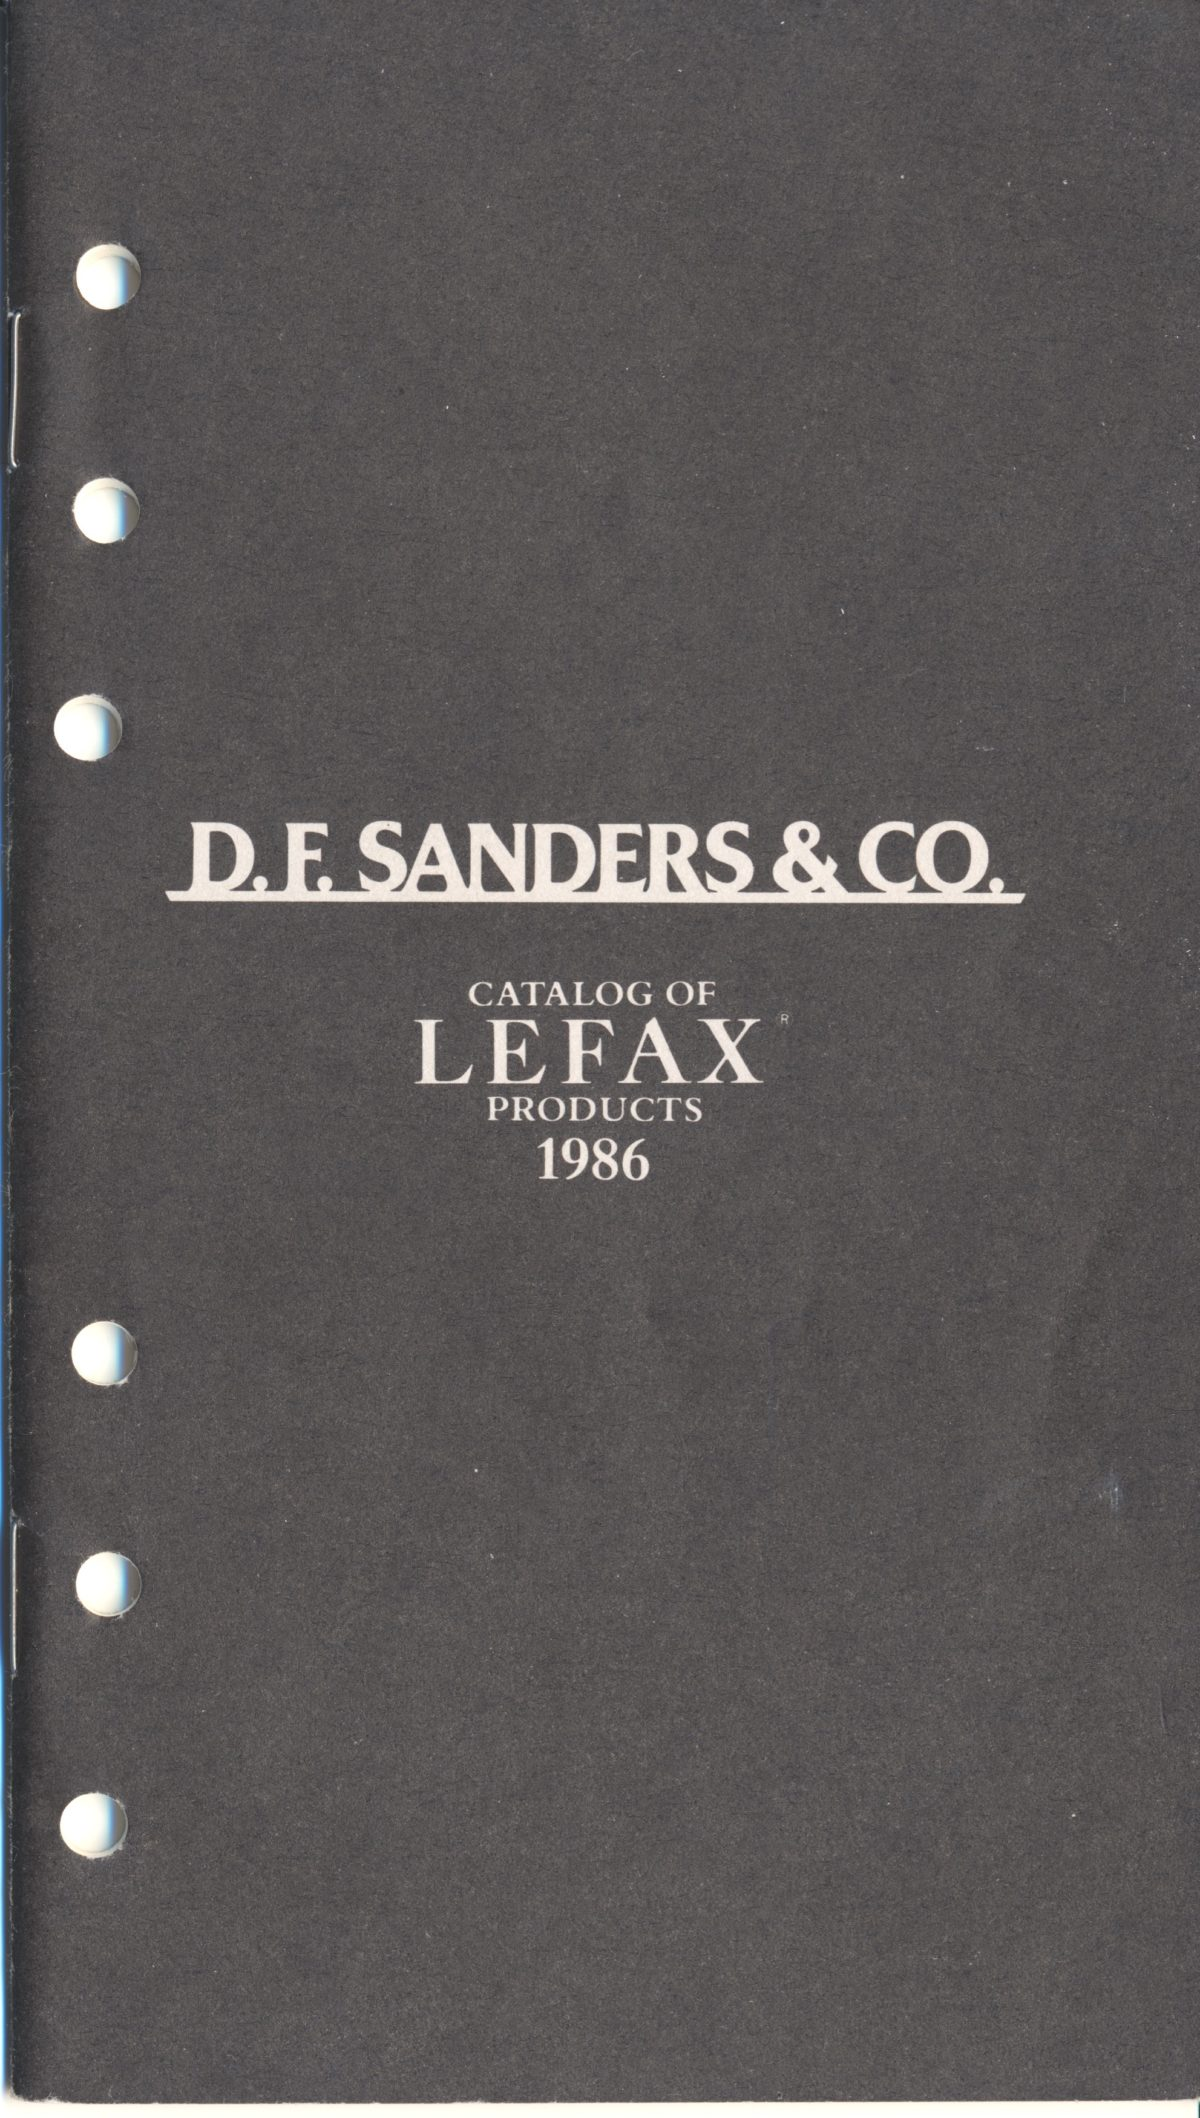 D.F. Sanders & Co – Lefax 1986